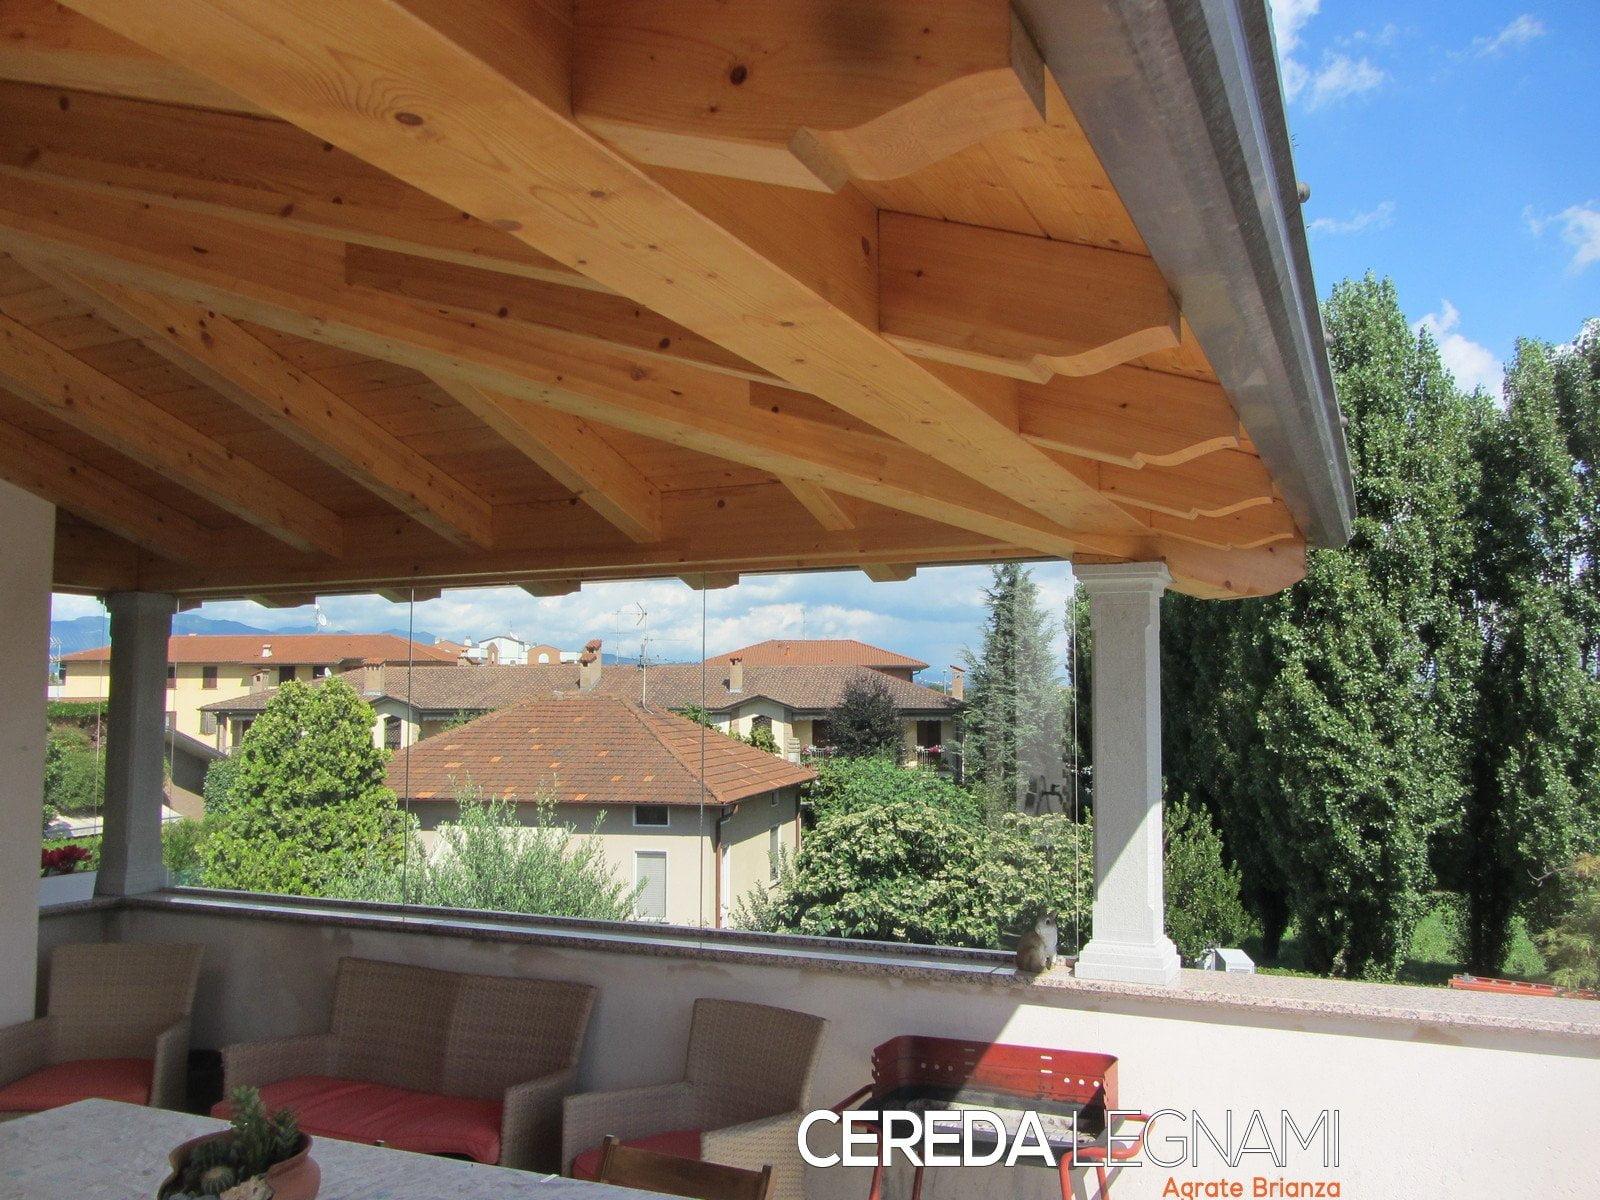 Tetti in legno tettoie pergole e pensiline milano e brianza - Tettoie in legno ...